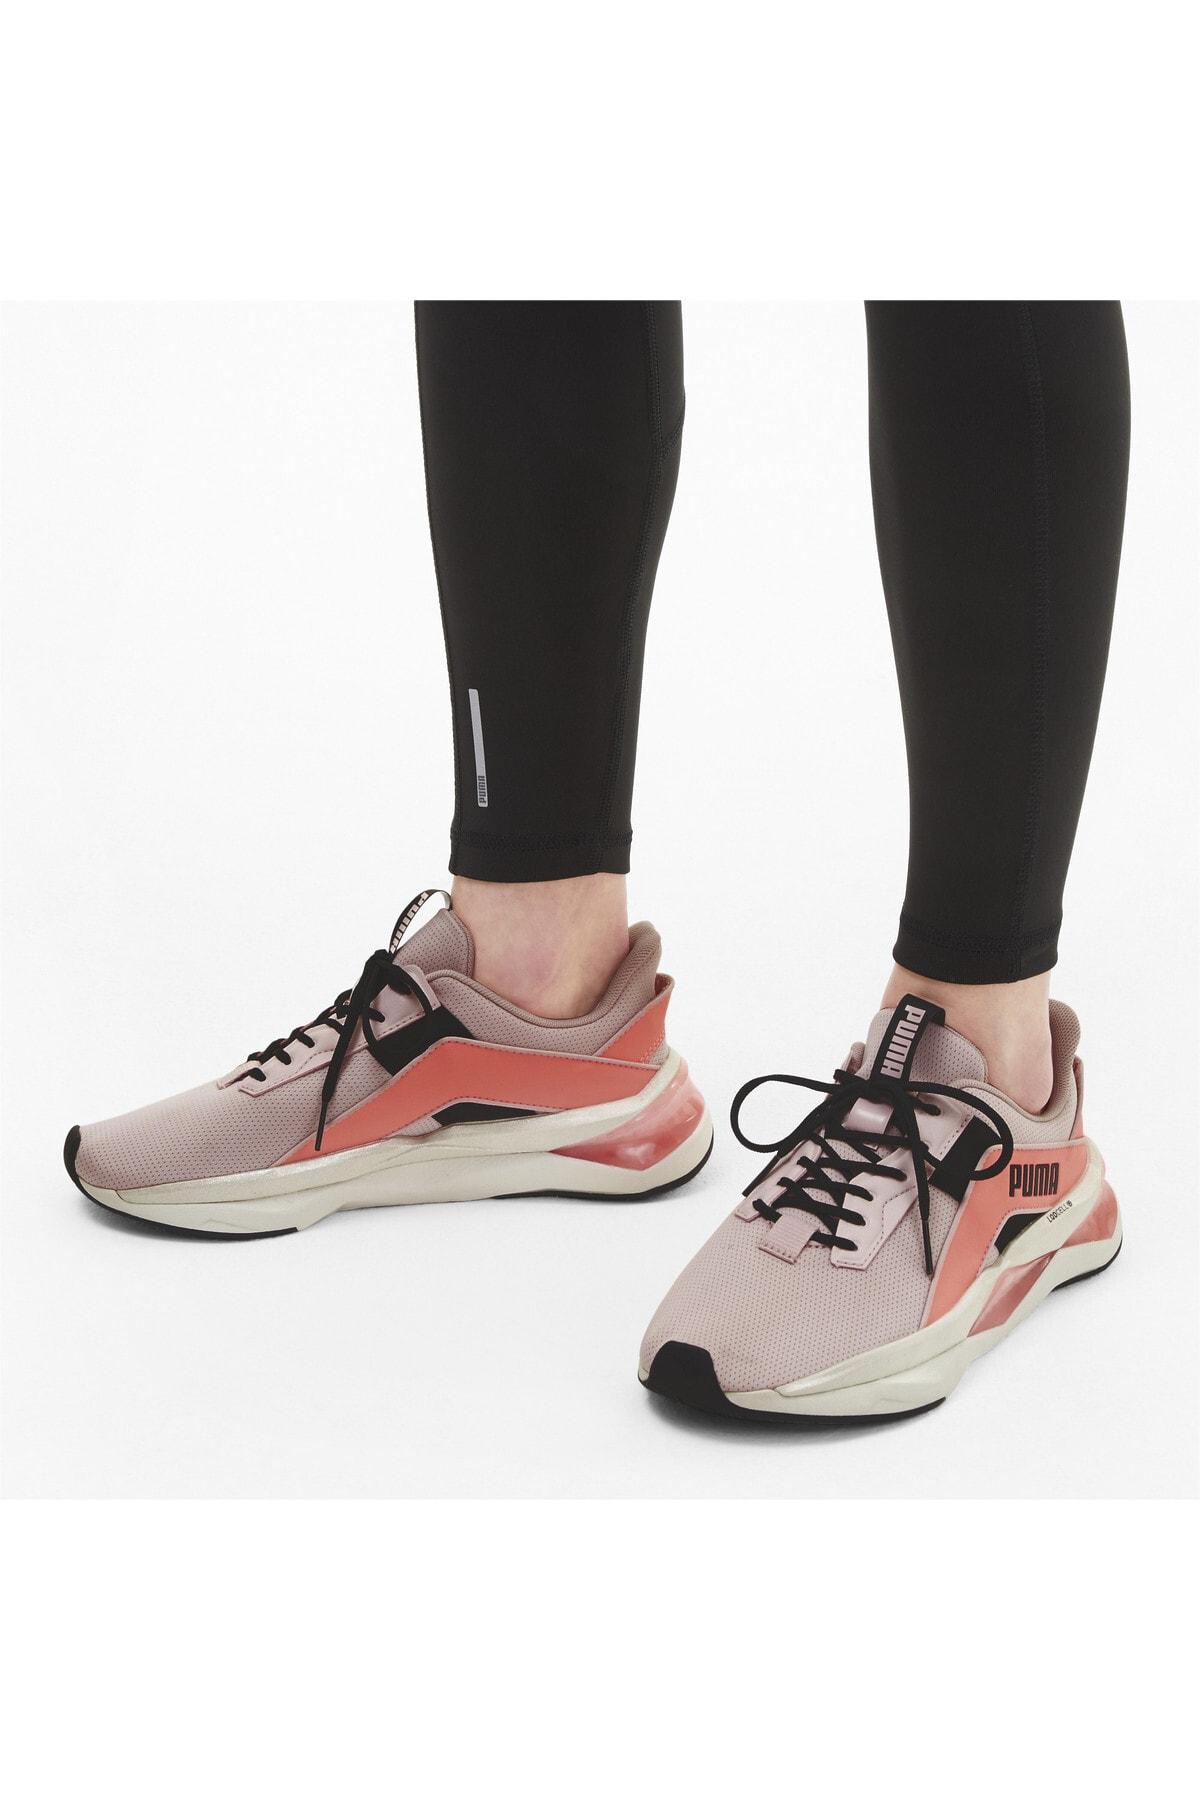 Puma LQDCELL SHATTER XT GEO PE Pembe Kadın Sneaker Ayakkabı 101119152 1